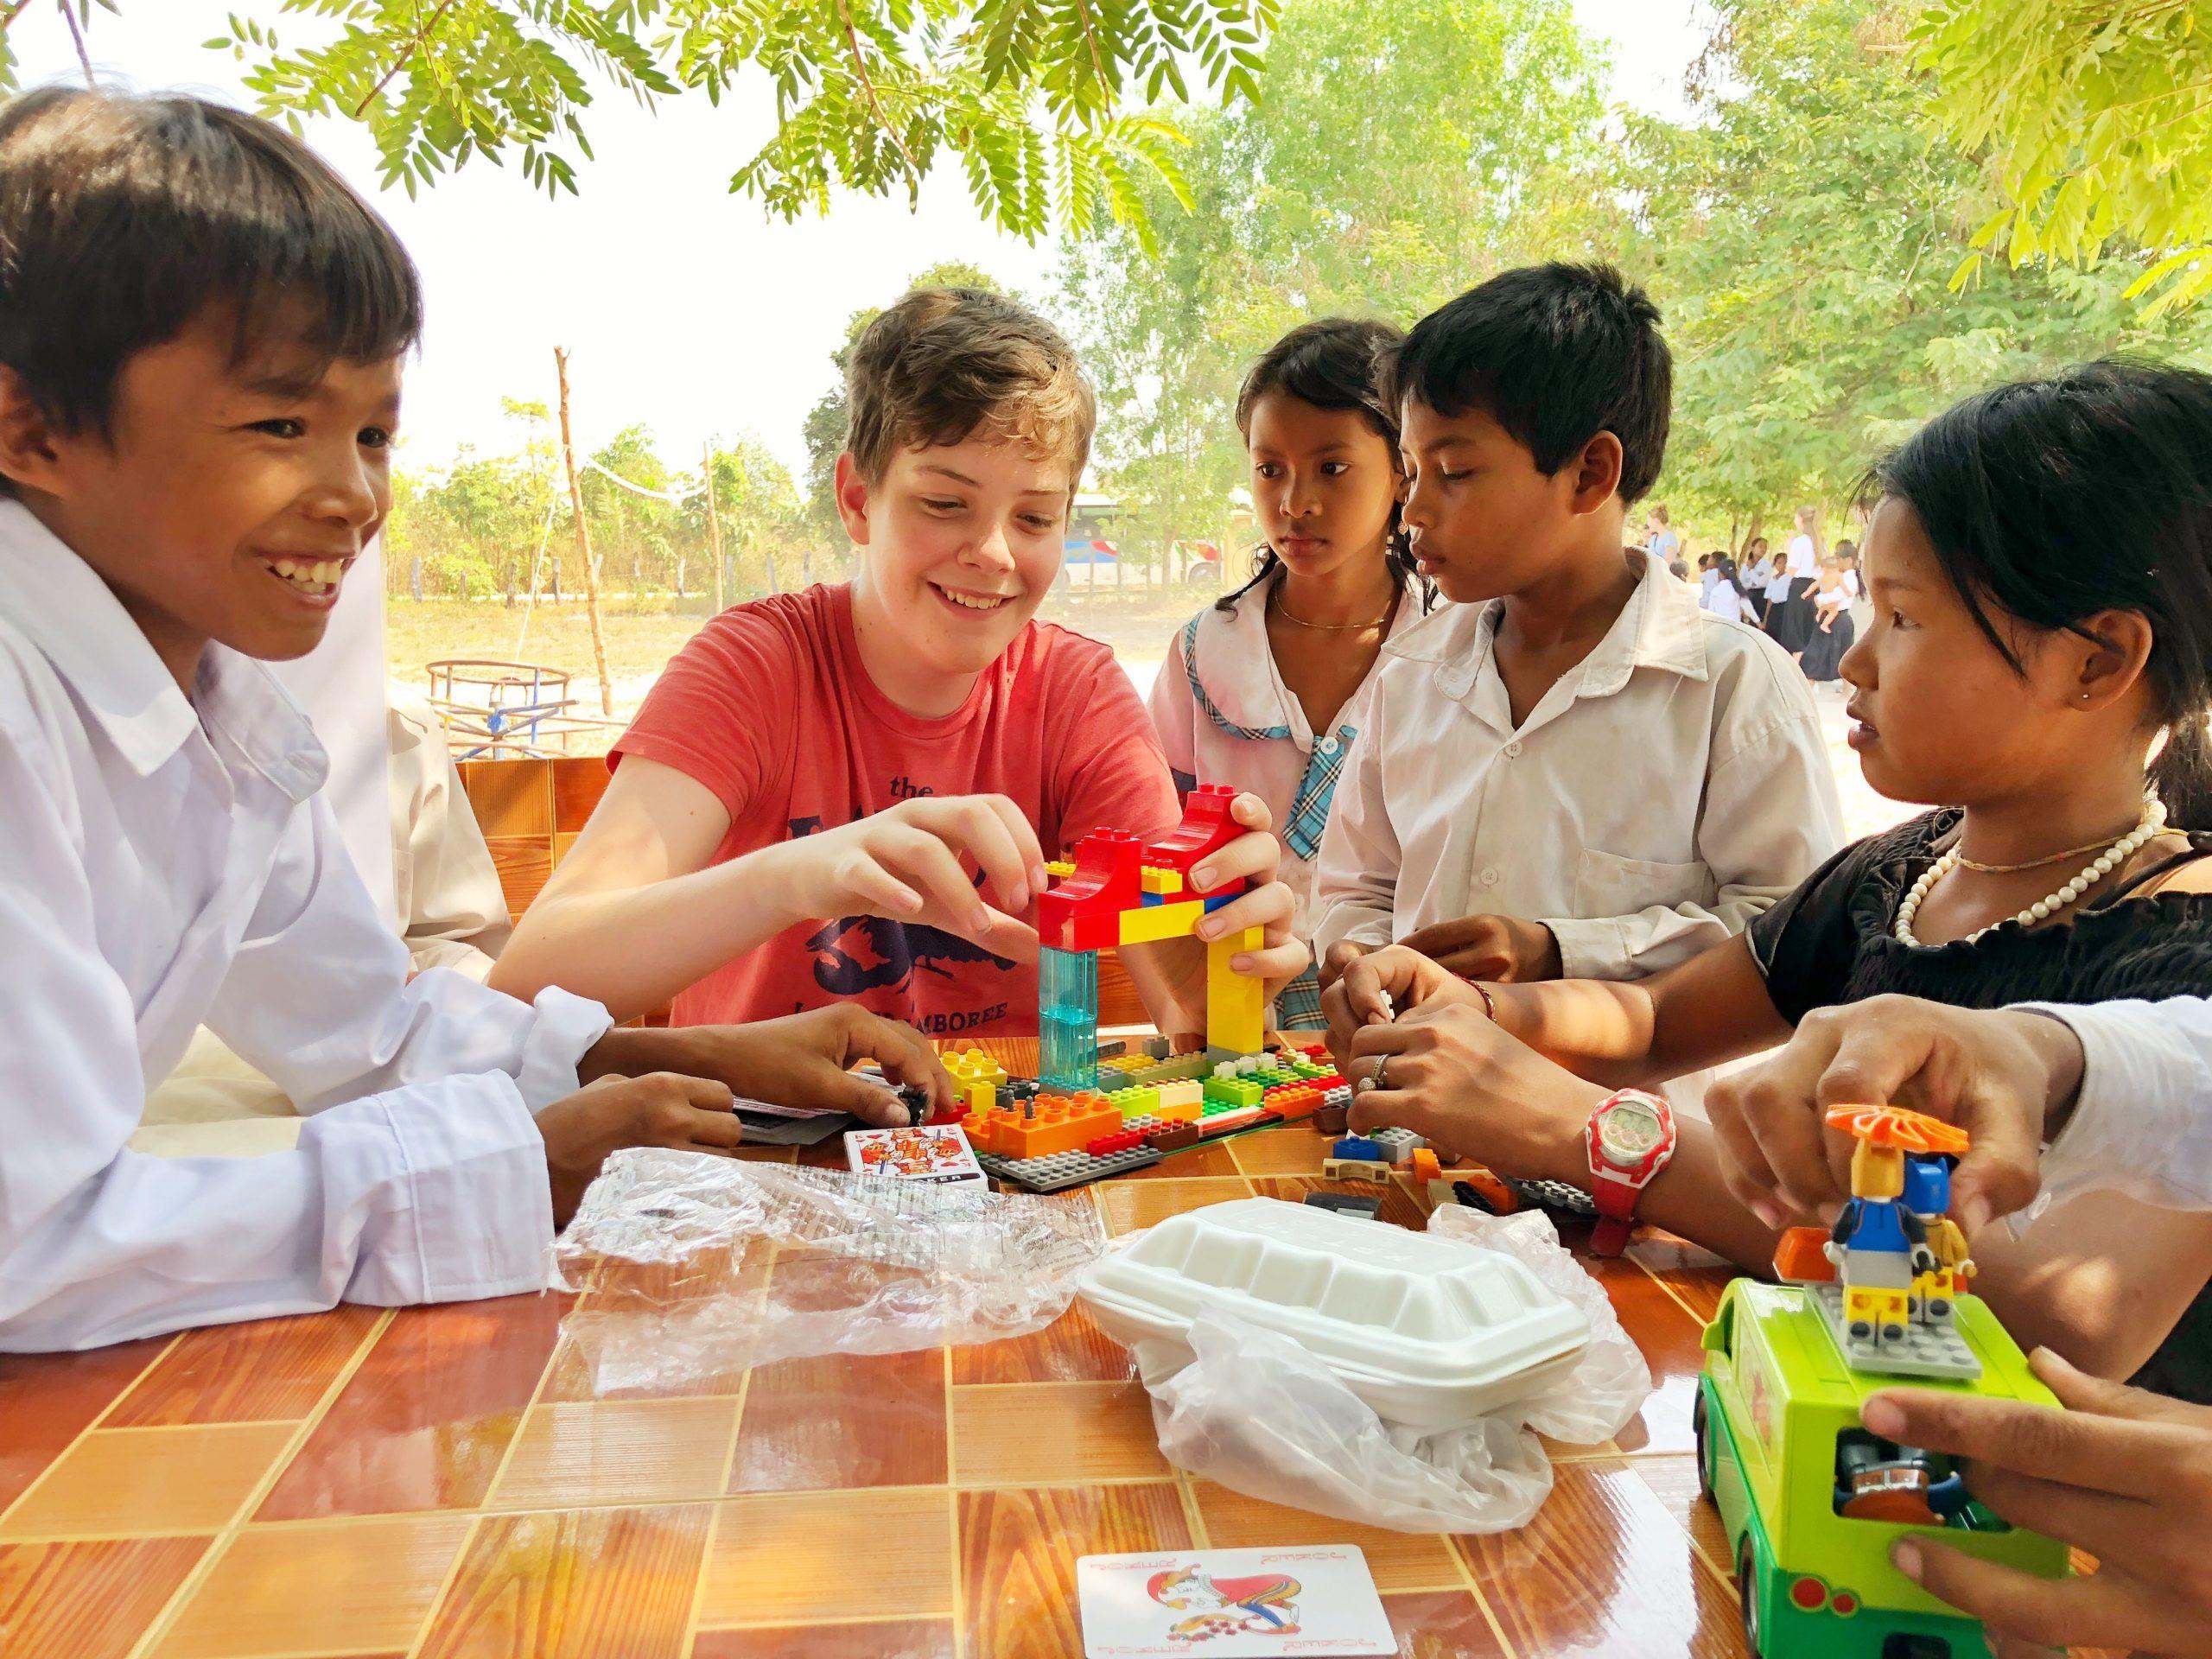 Elev leger med lego med Cambodianske skolebørn - Odsherred Efterskole